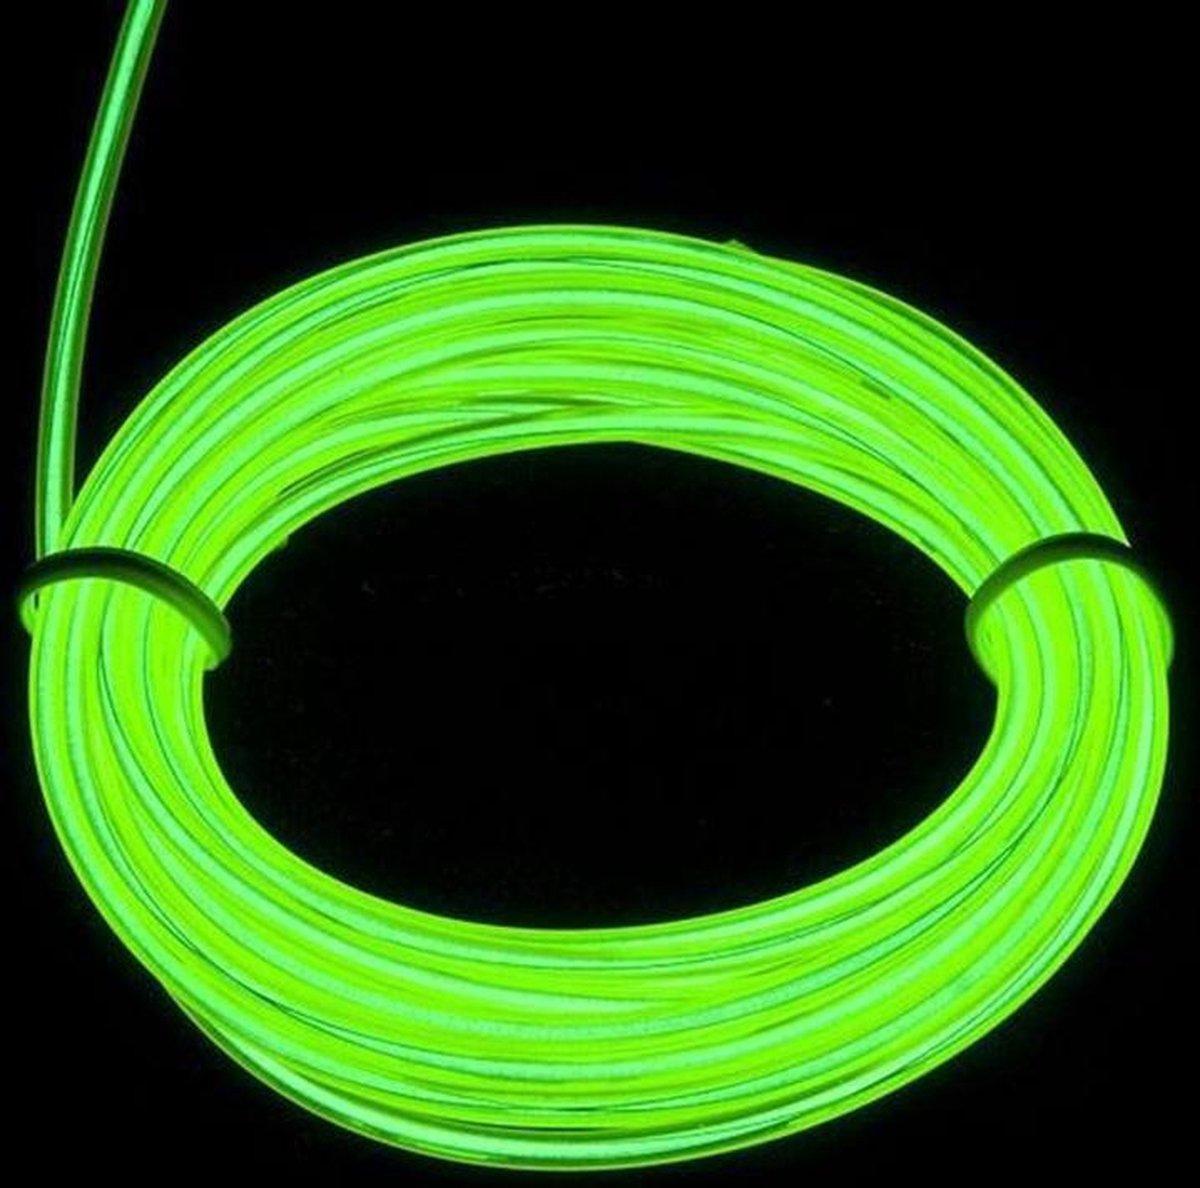 EL Wire / Draad - groen / Green 100 M- met 230 volt aansluiting